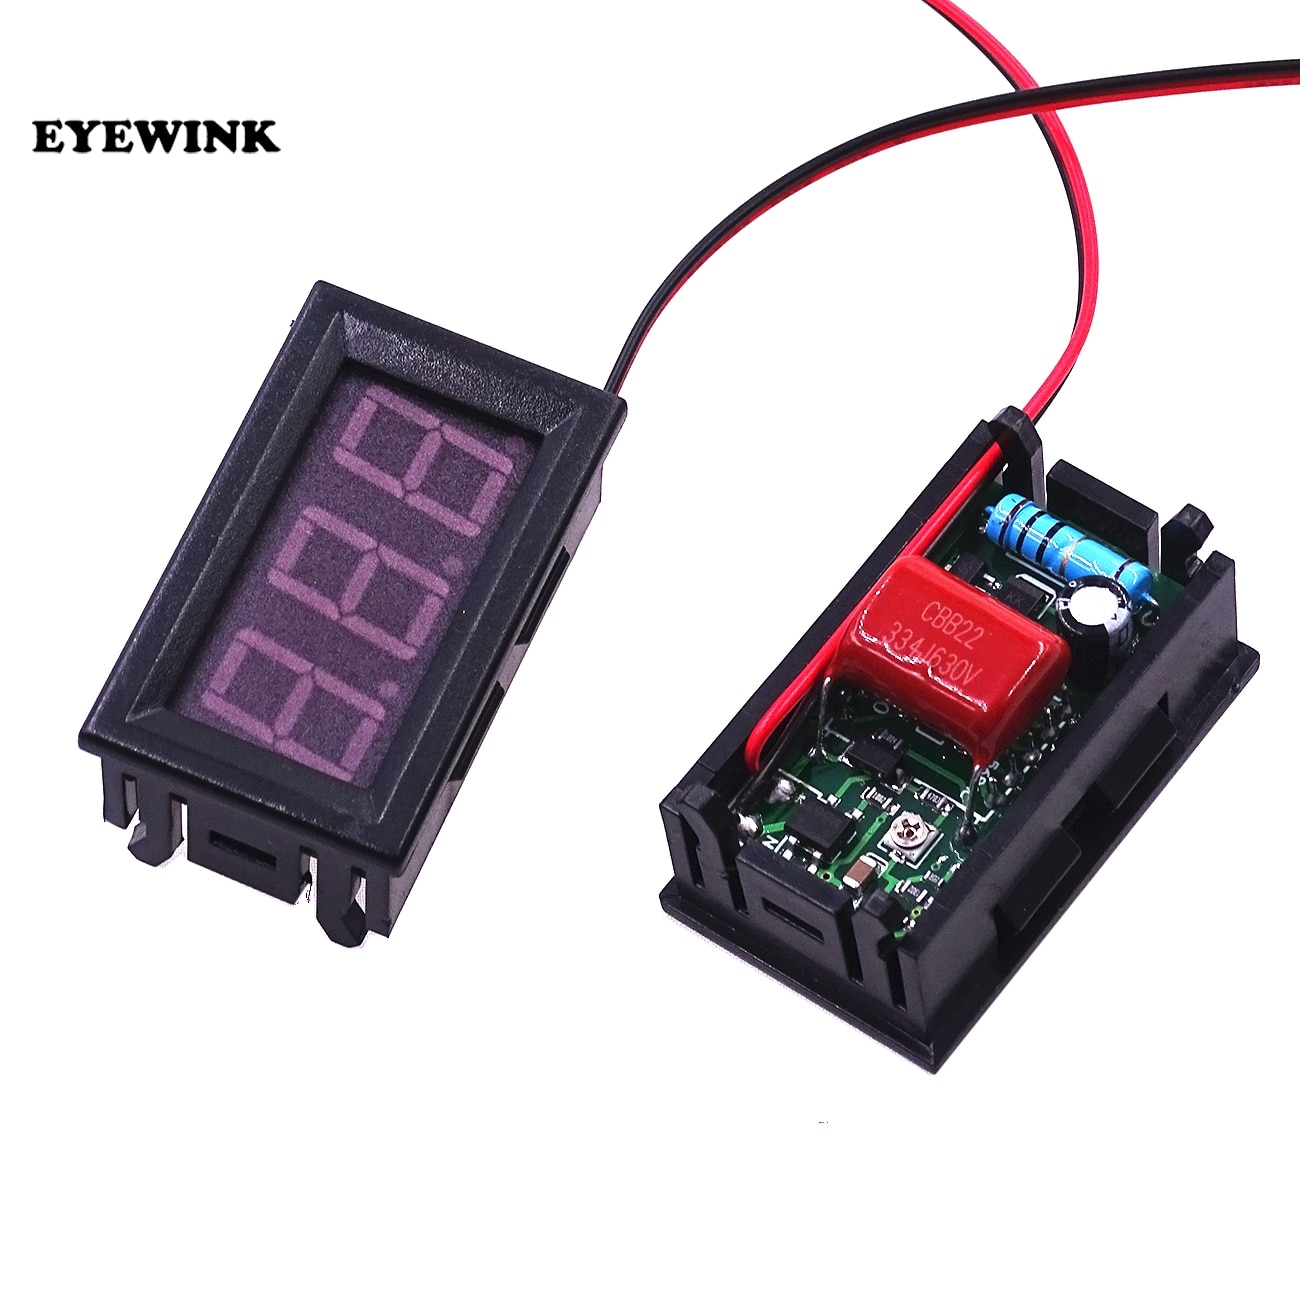 Voltmètre numérique ca 70V à 500V 0.56 pouces LED panneau numérique 2 fils Volt mètre testeur de tension rouge/vert/bleu moniteur